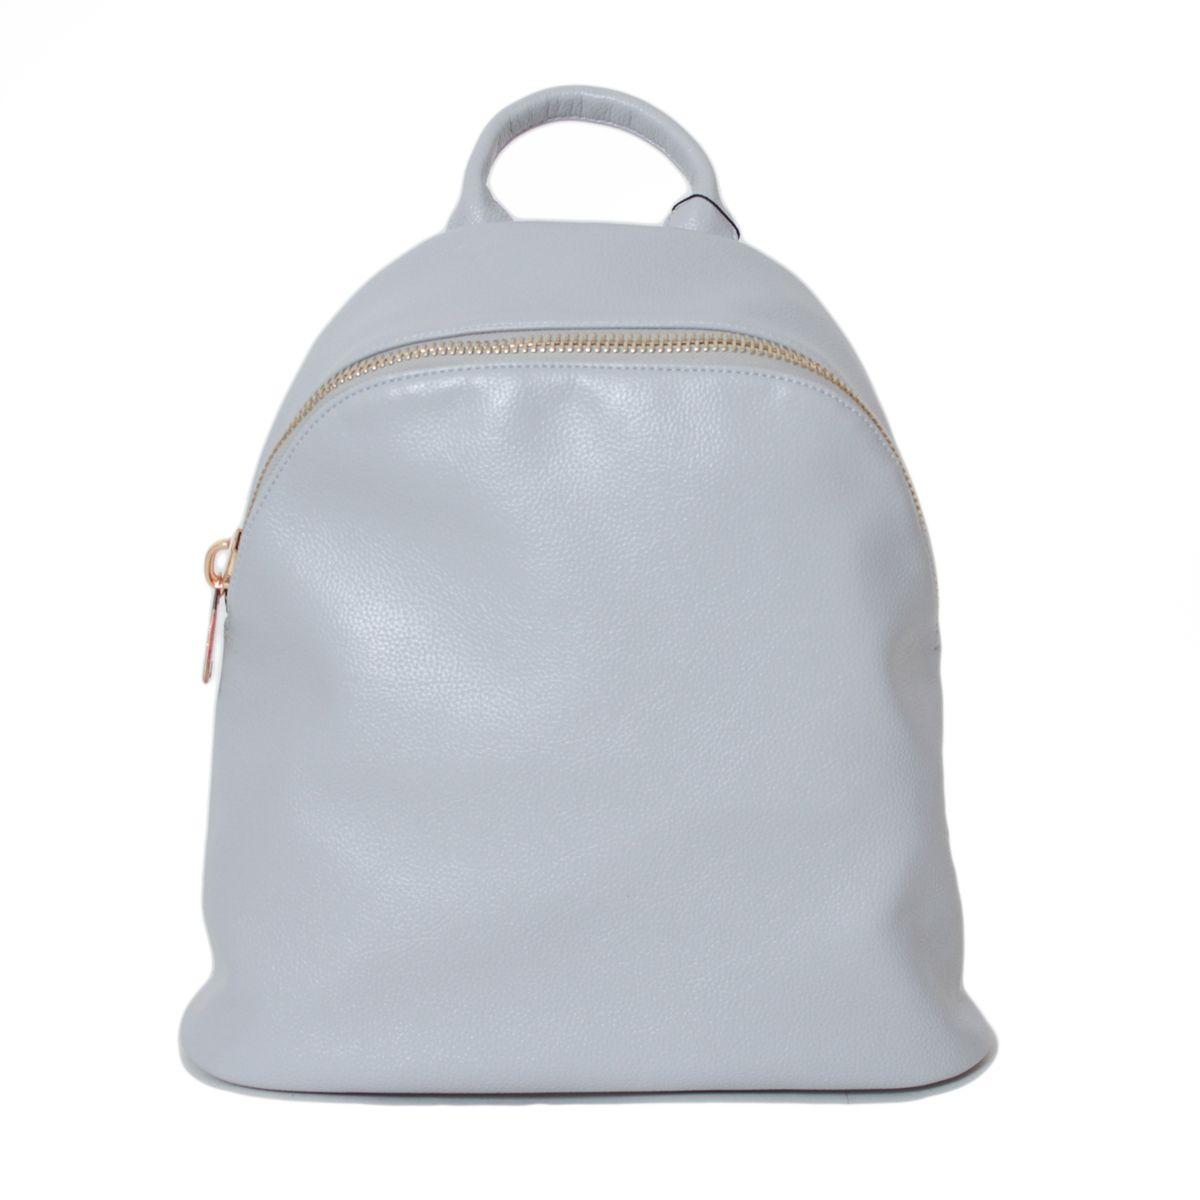 Рюкзак женский Flioraj, цвет: серый. 2137-1BP-001 BKЗакрывается на молнию. Внутри одно отделение, один карман на молнии, два открытых кармана. Снаружи один карман на молнии. Высота ручки - 8 см.